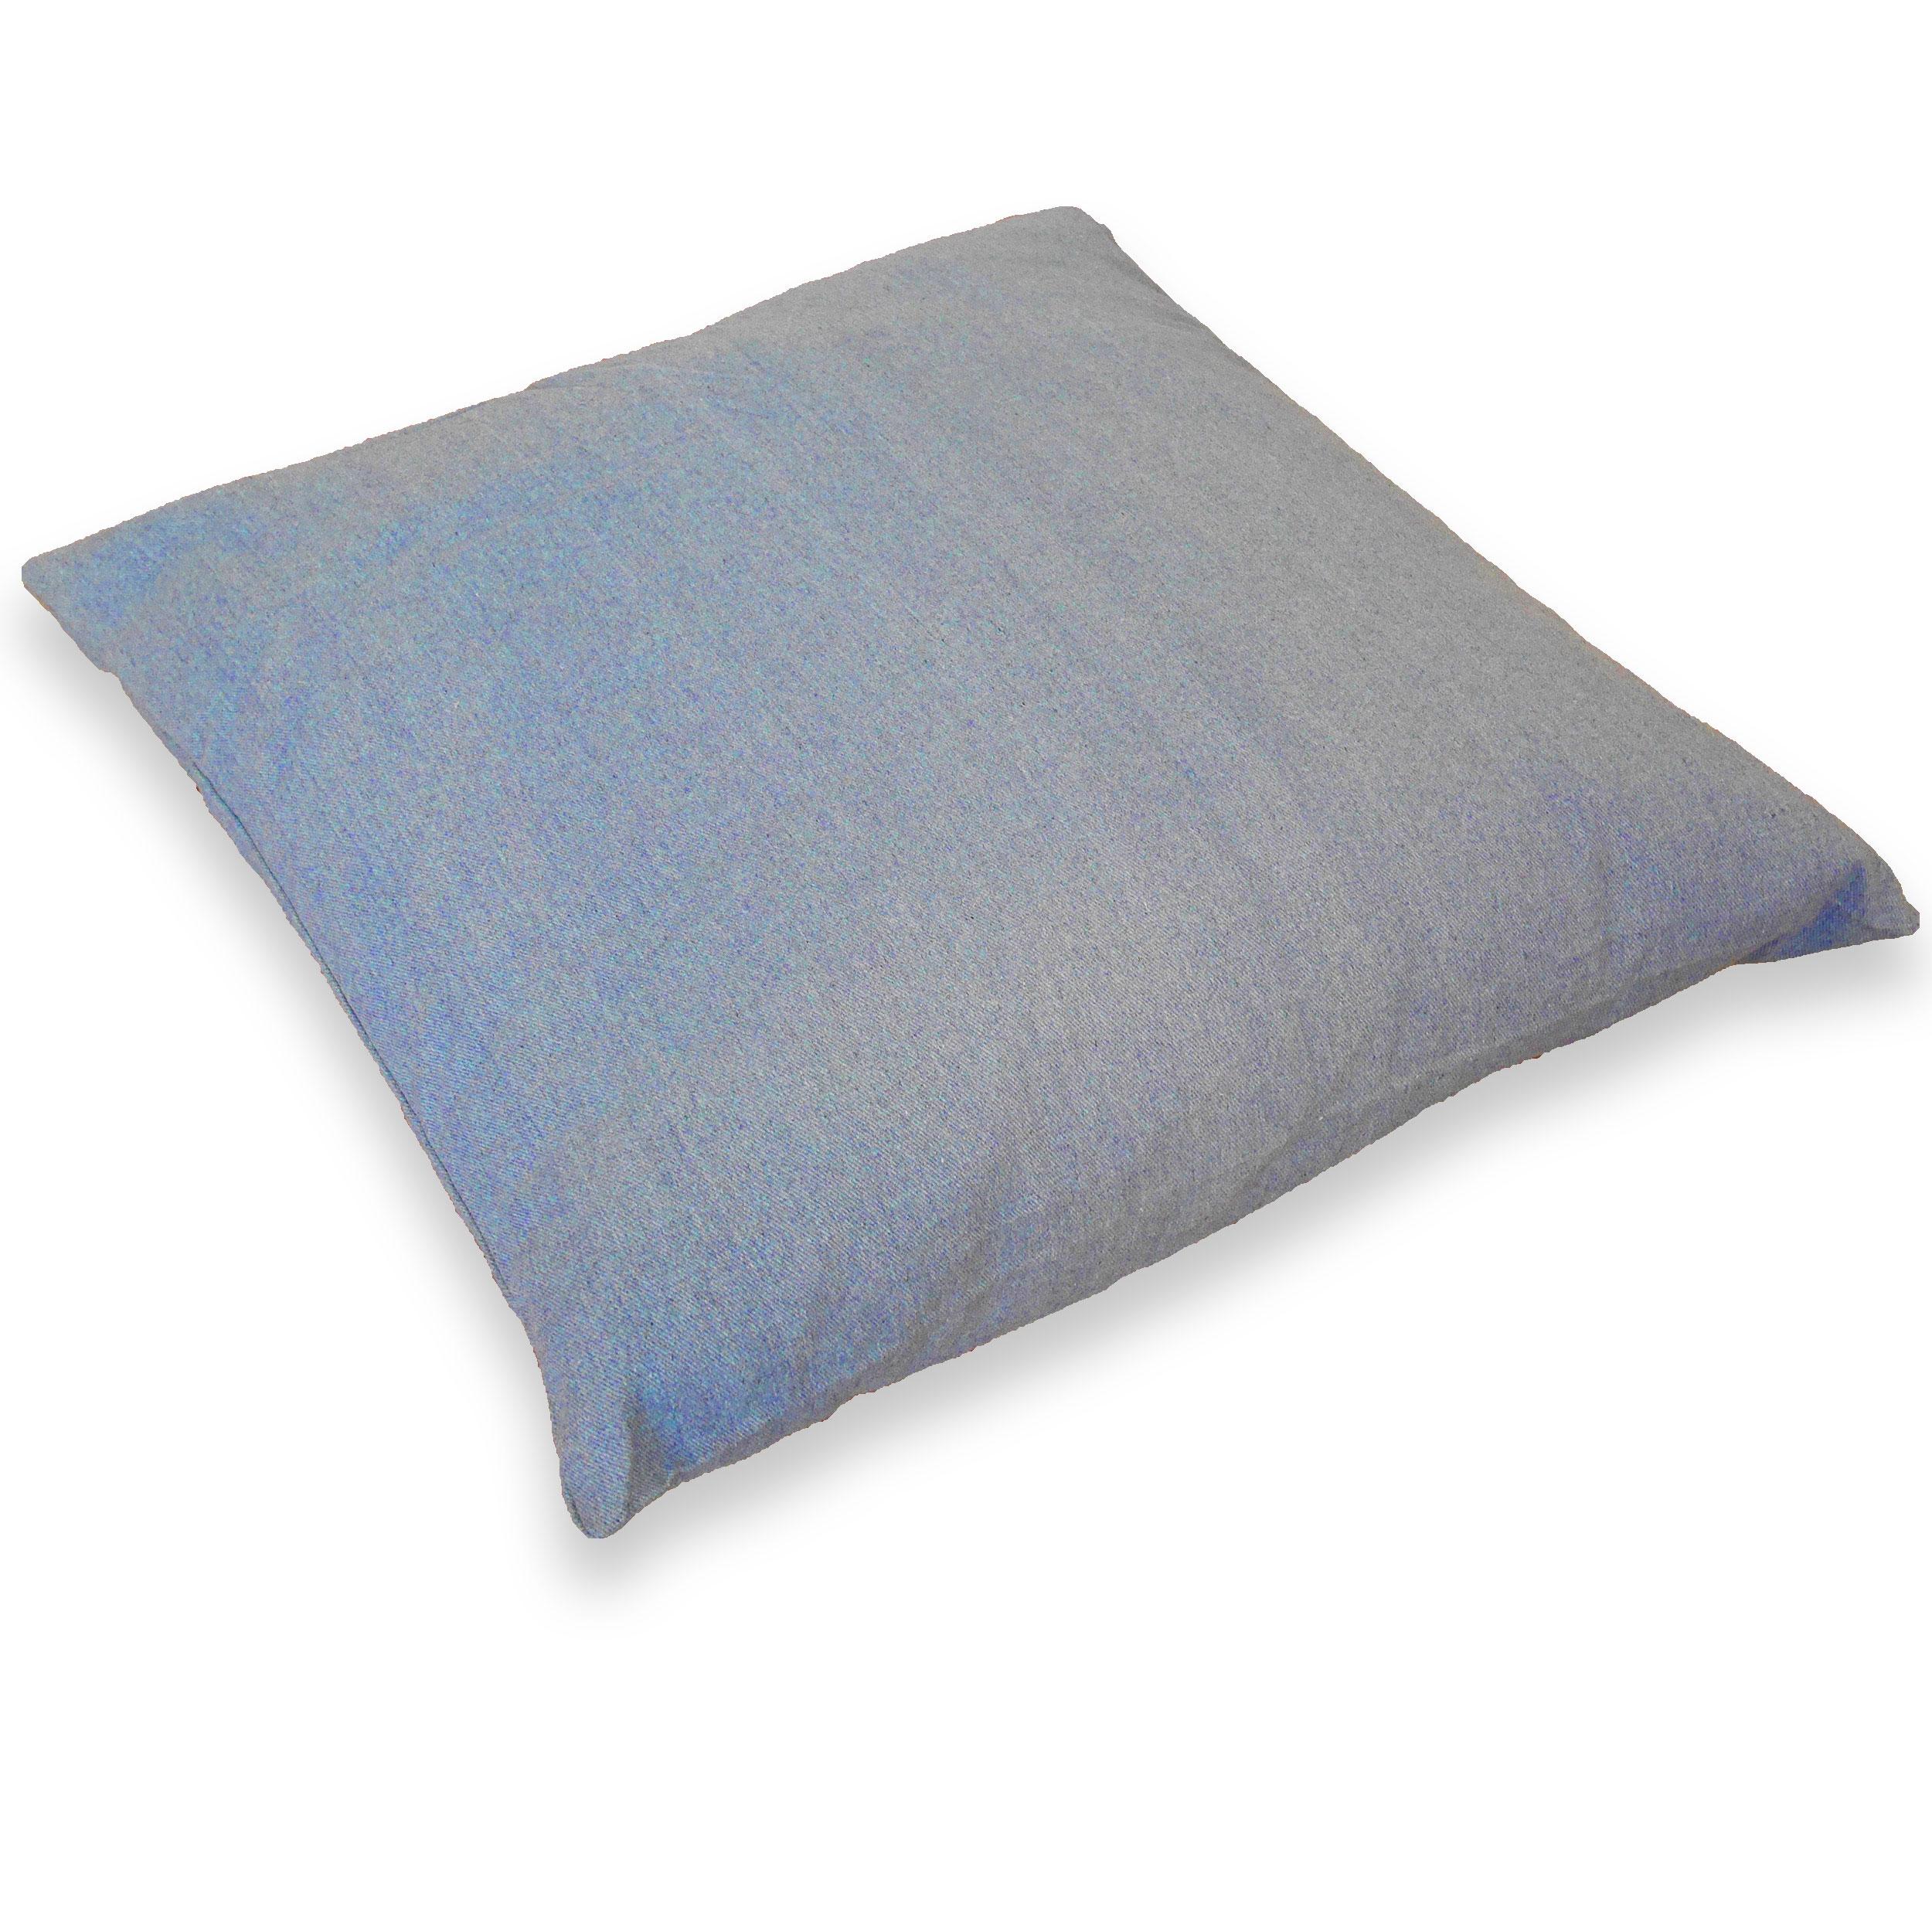 Denim Hammock Cushion